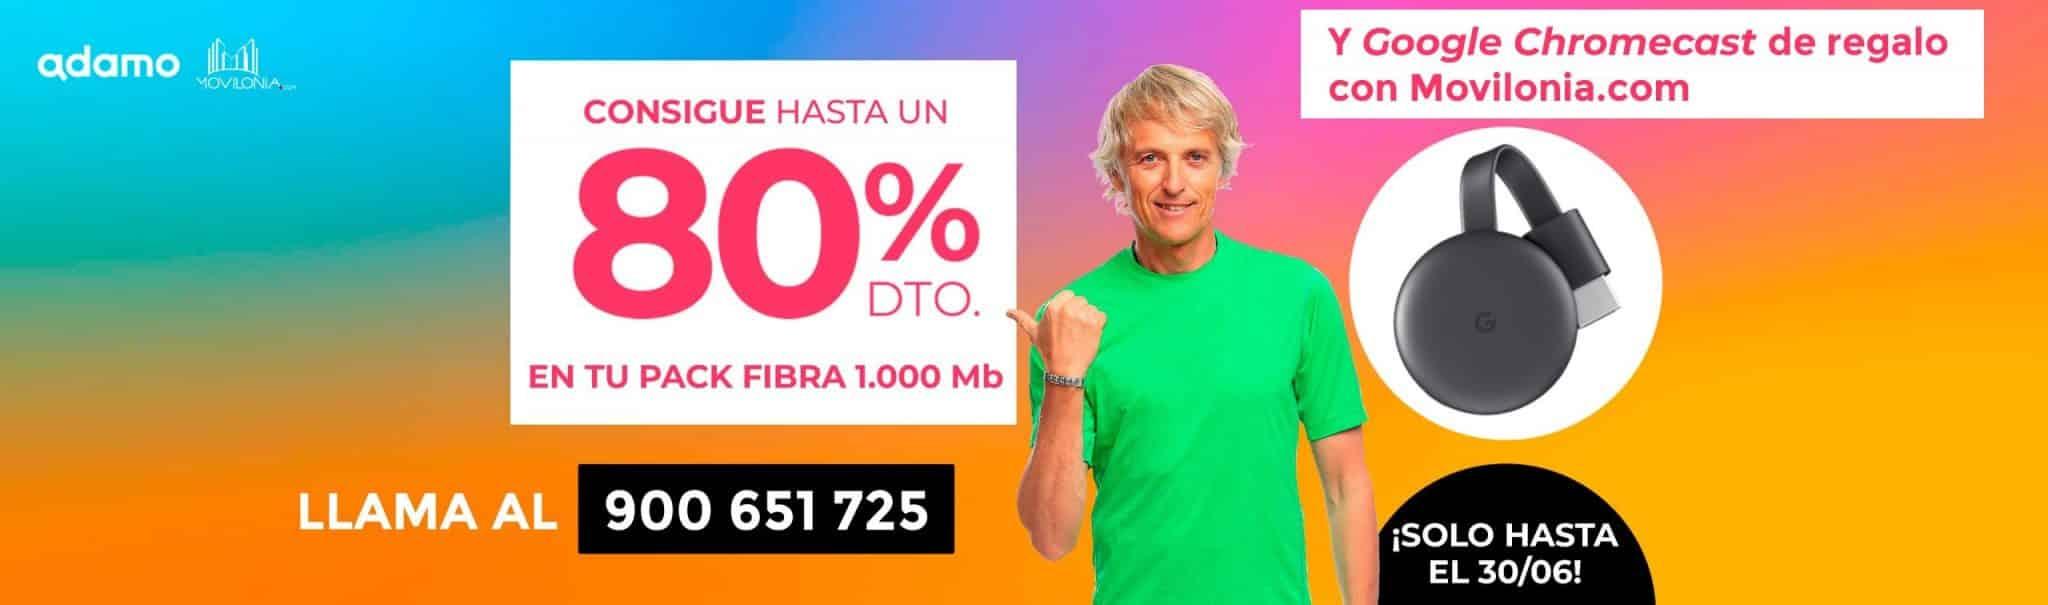 oferta especial Adamo Movilonia.com